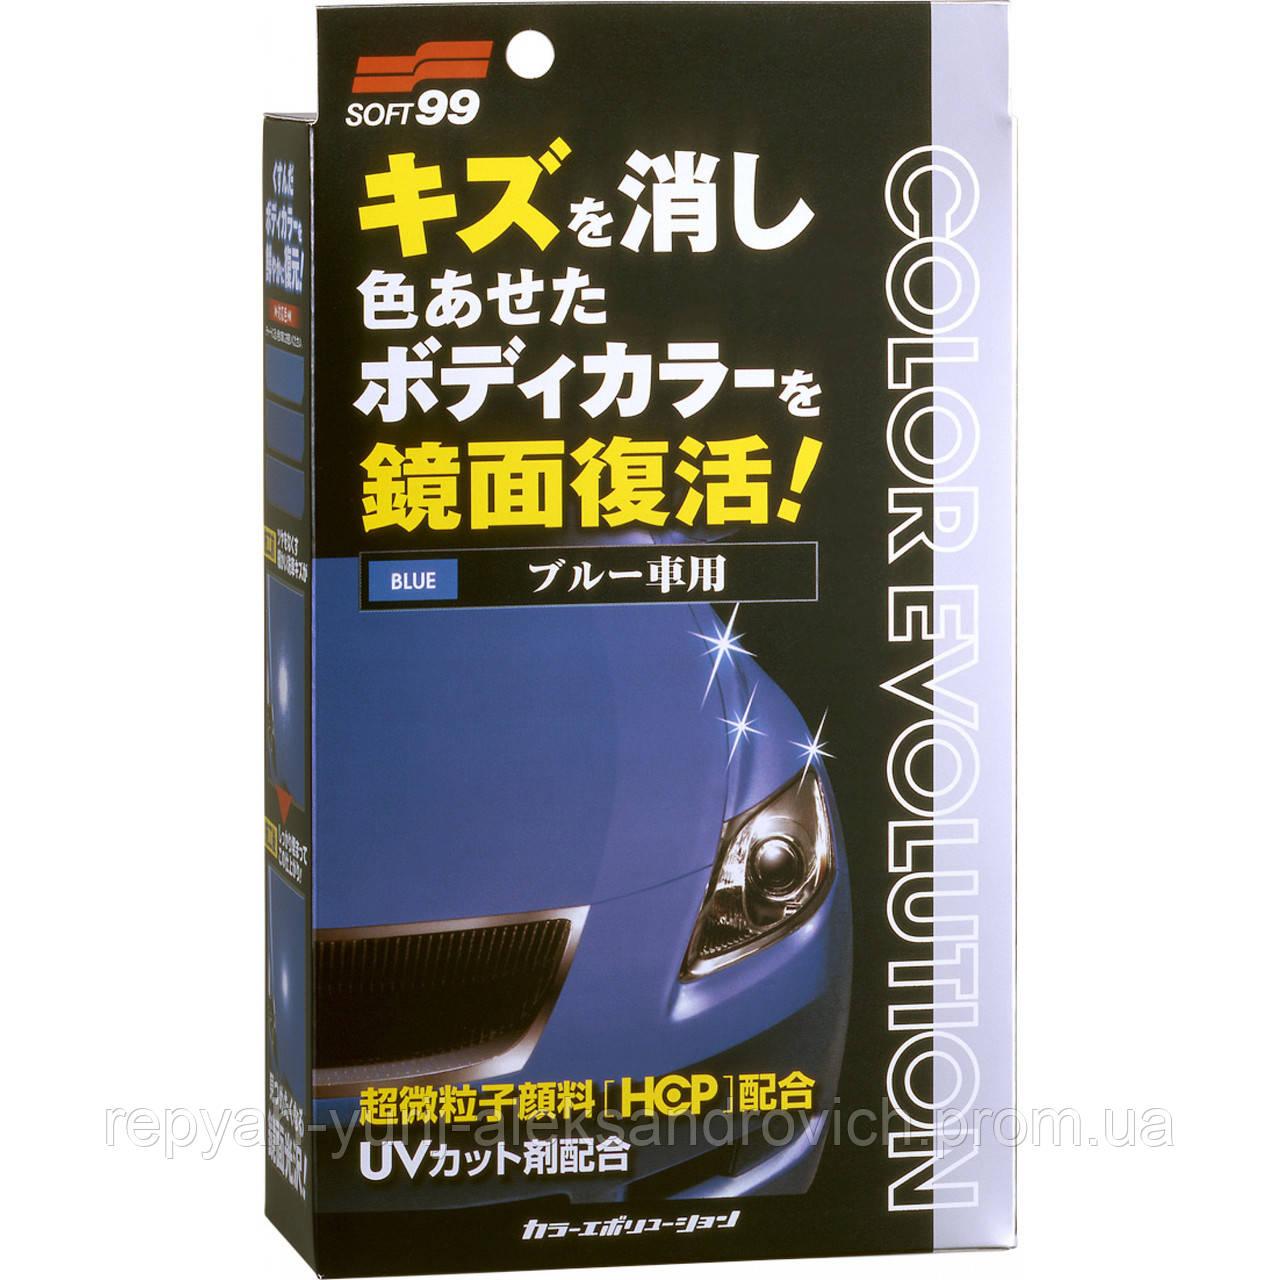 Soft99 Color Evolution — цветообогащающая поліроль для синіх автомобілів